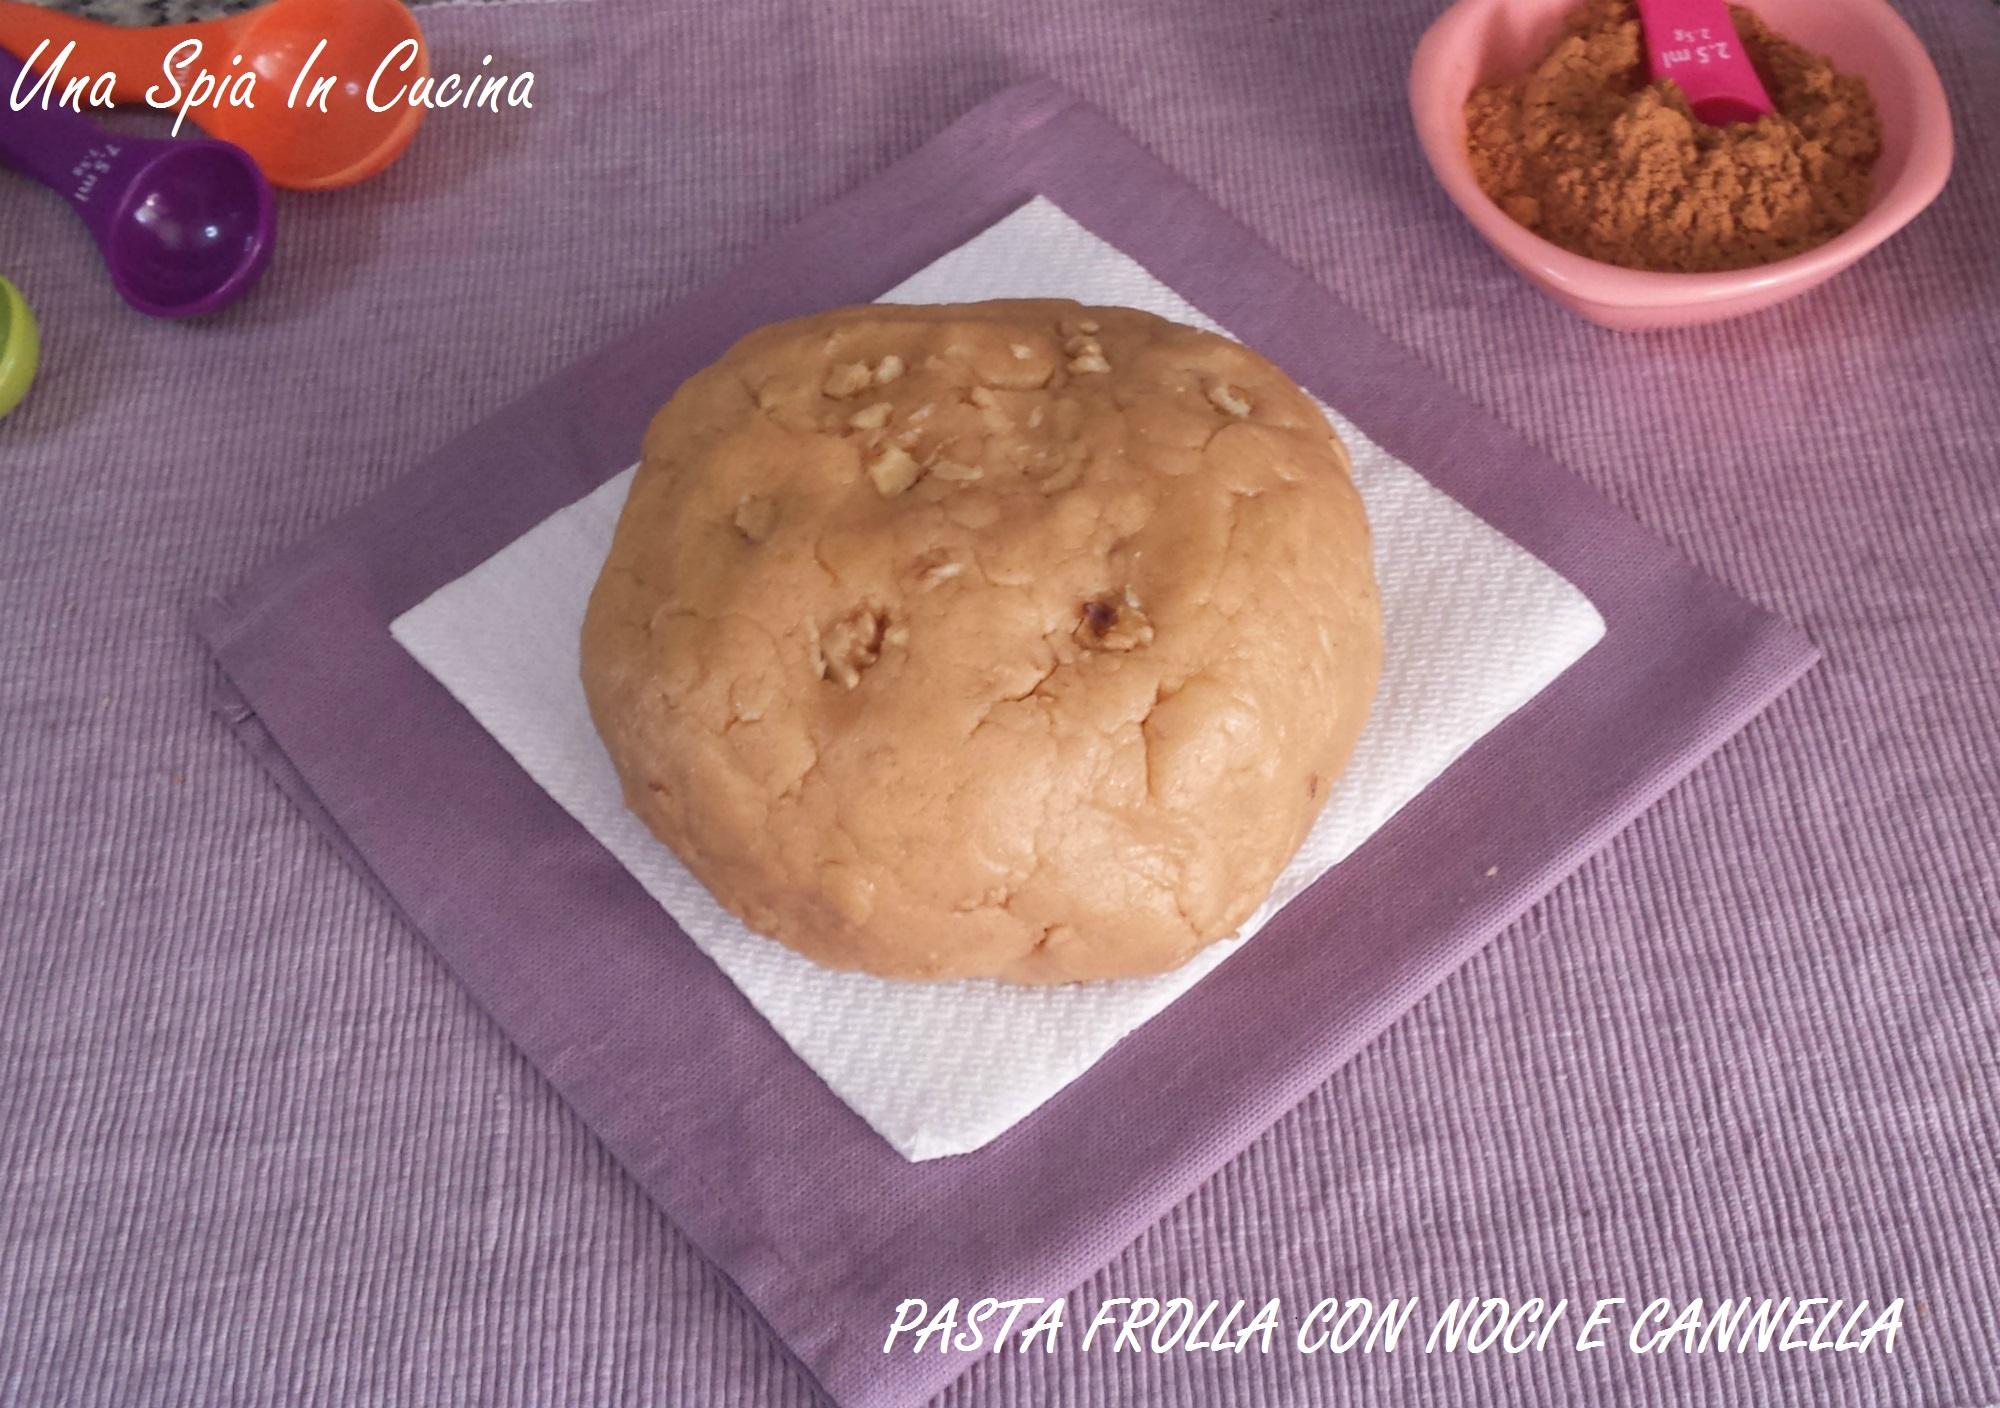 Pasta frolla con noci e cannella